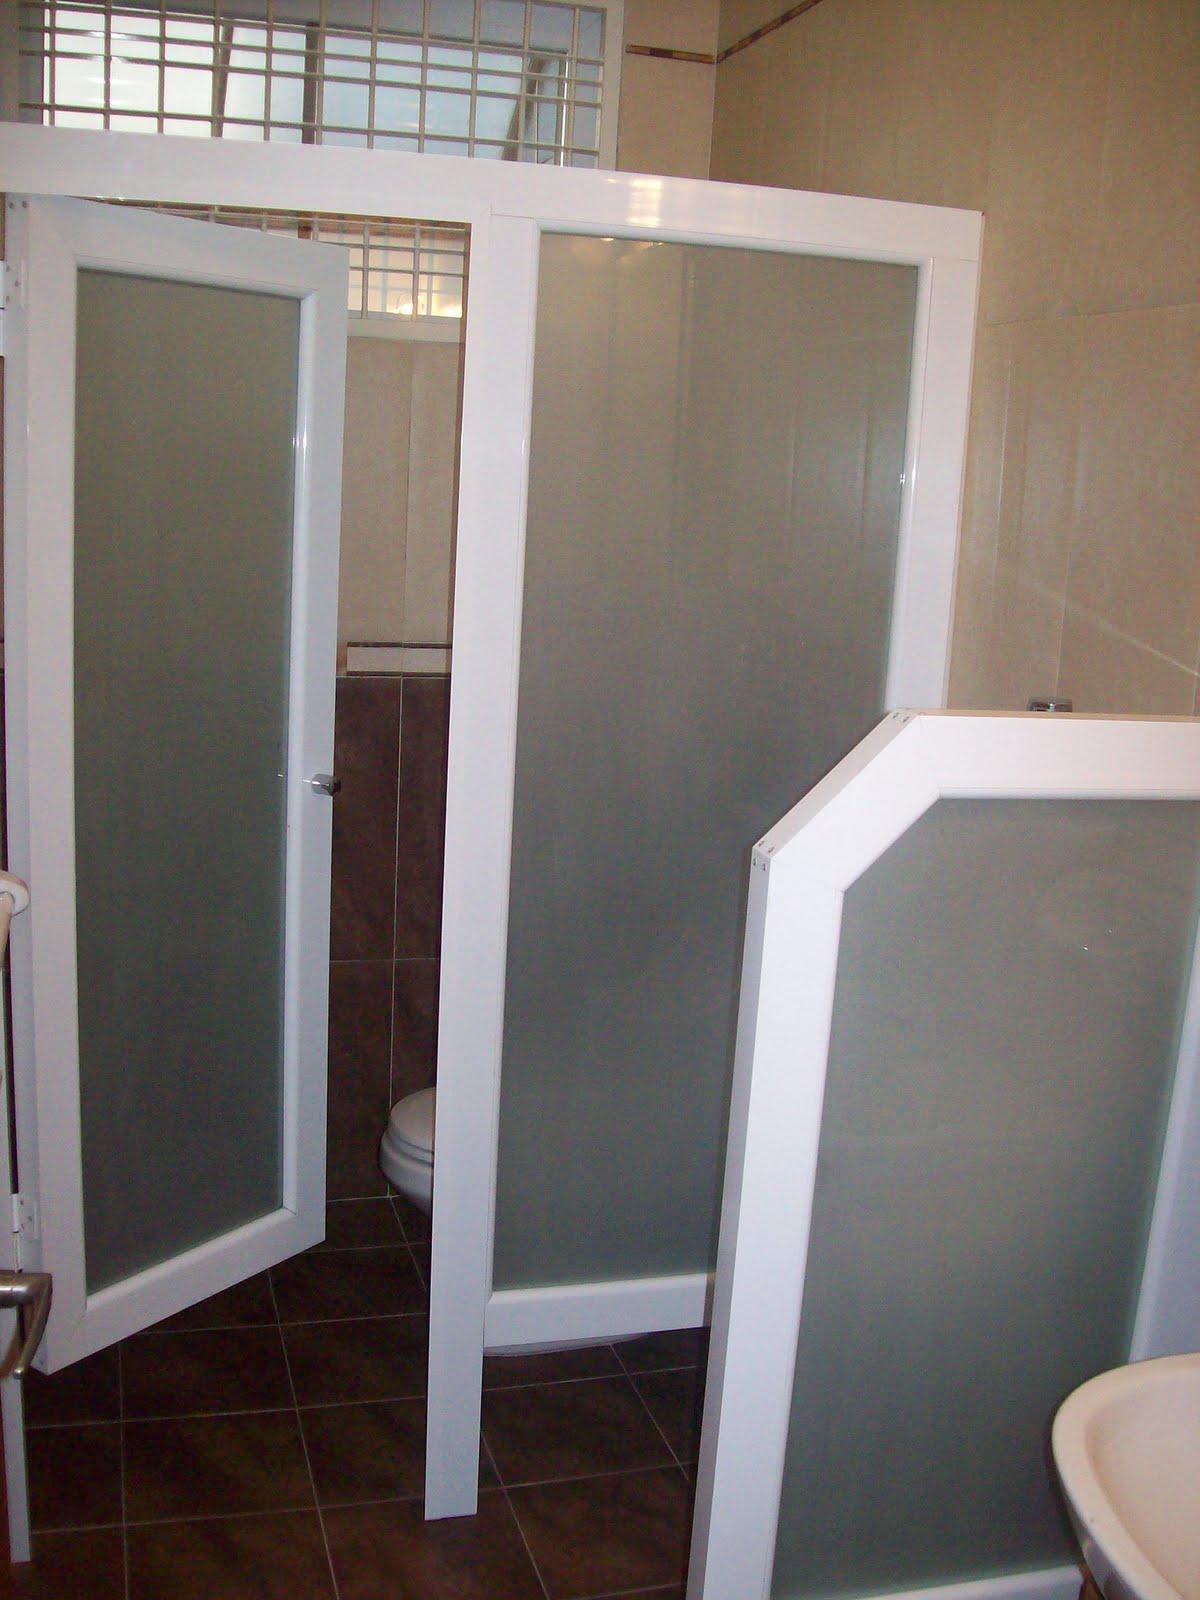 Decoraciones r r aluminios c a puertas de ba os publico - Puerta corrediza para bano ...